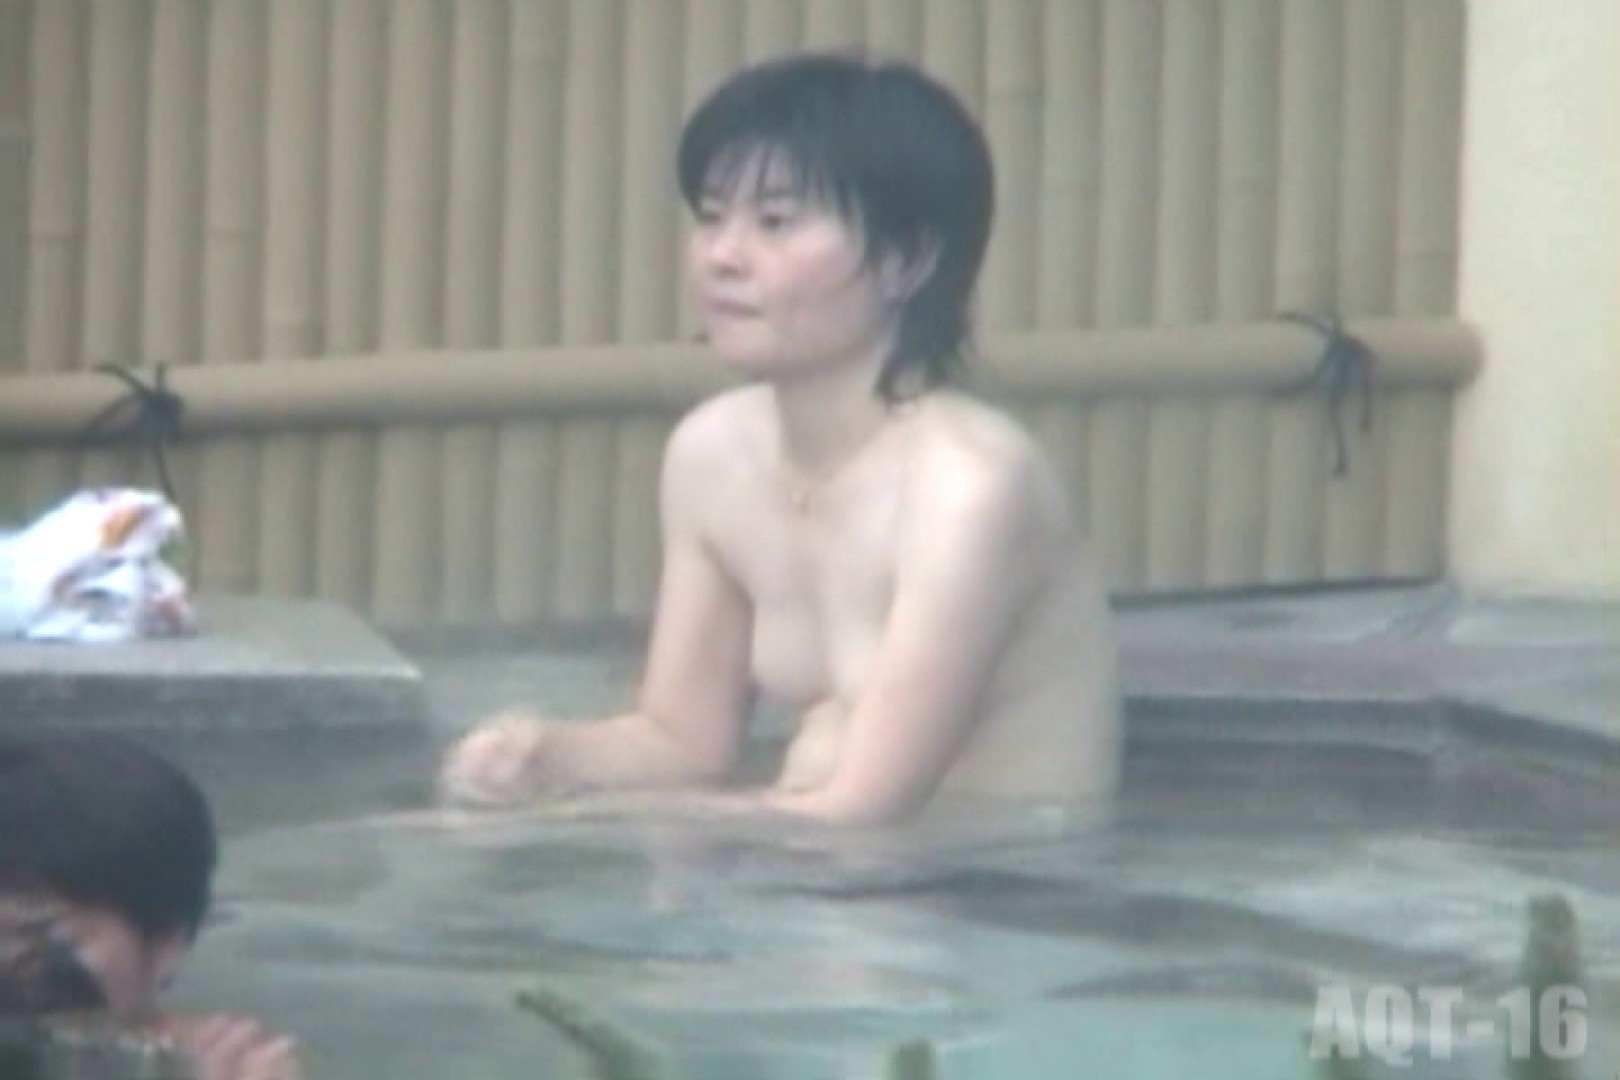 Aquaな露天風呂Vol.840 OLハメ撮り  65Pix 45